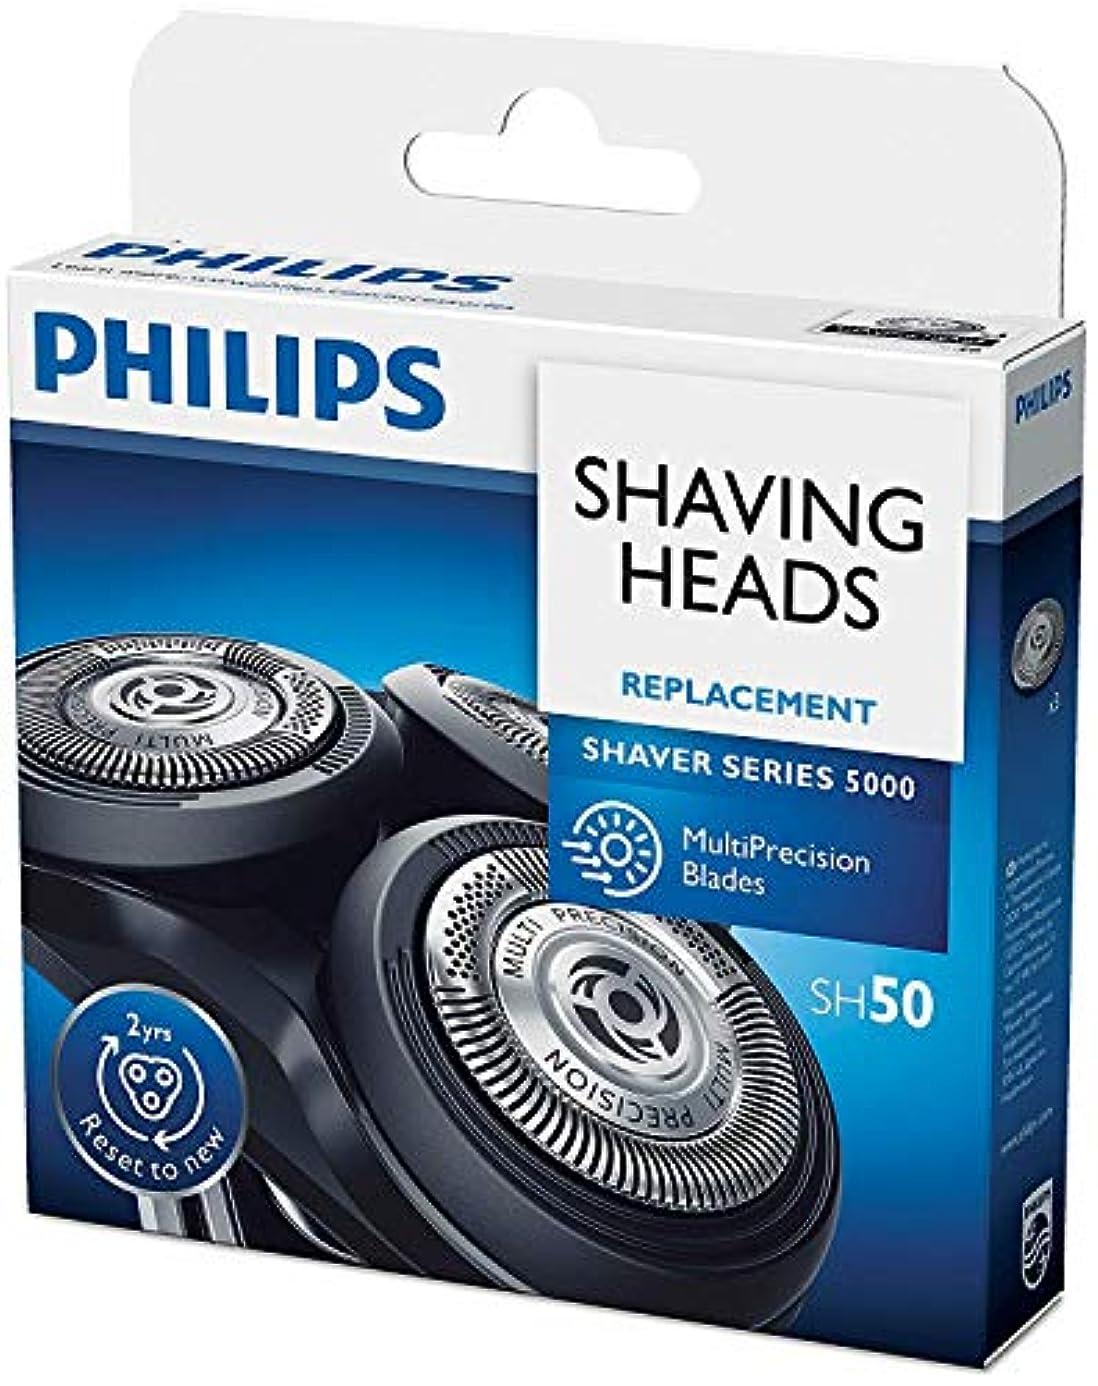 賃金あごひげ今晩フィリップスシェーバー替え刃 交換用ヘッド替刃 交換用ヘッド替刃 SH50(5000シリーズ用)